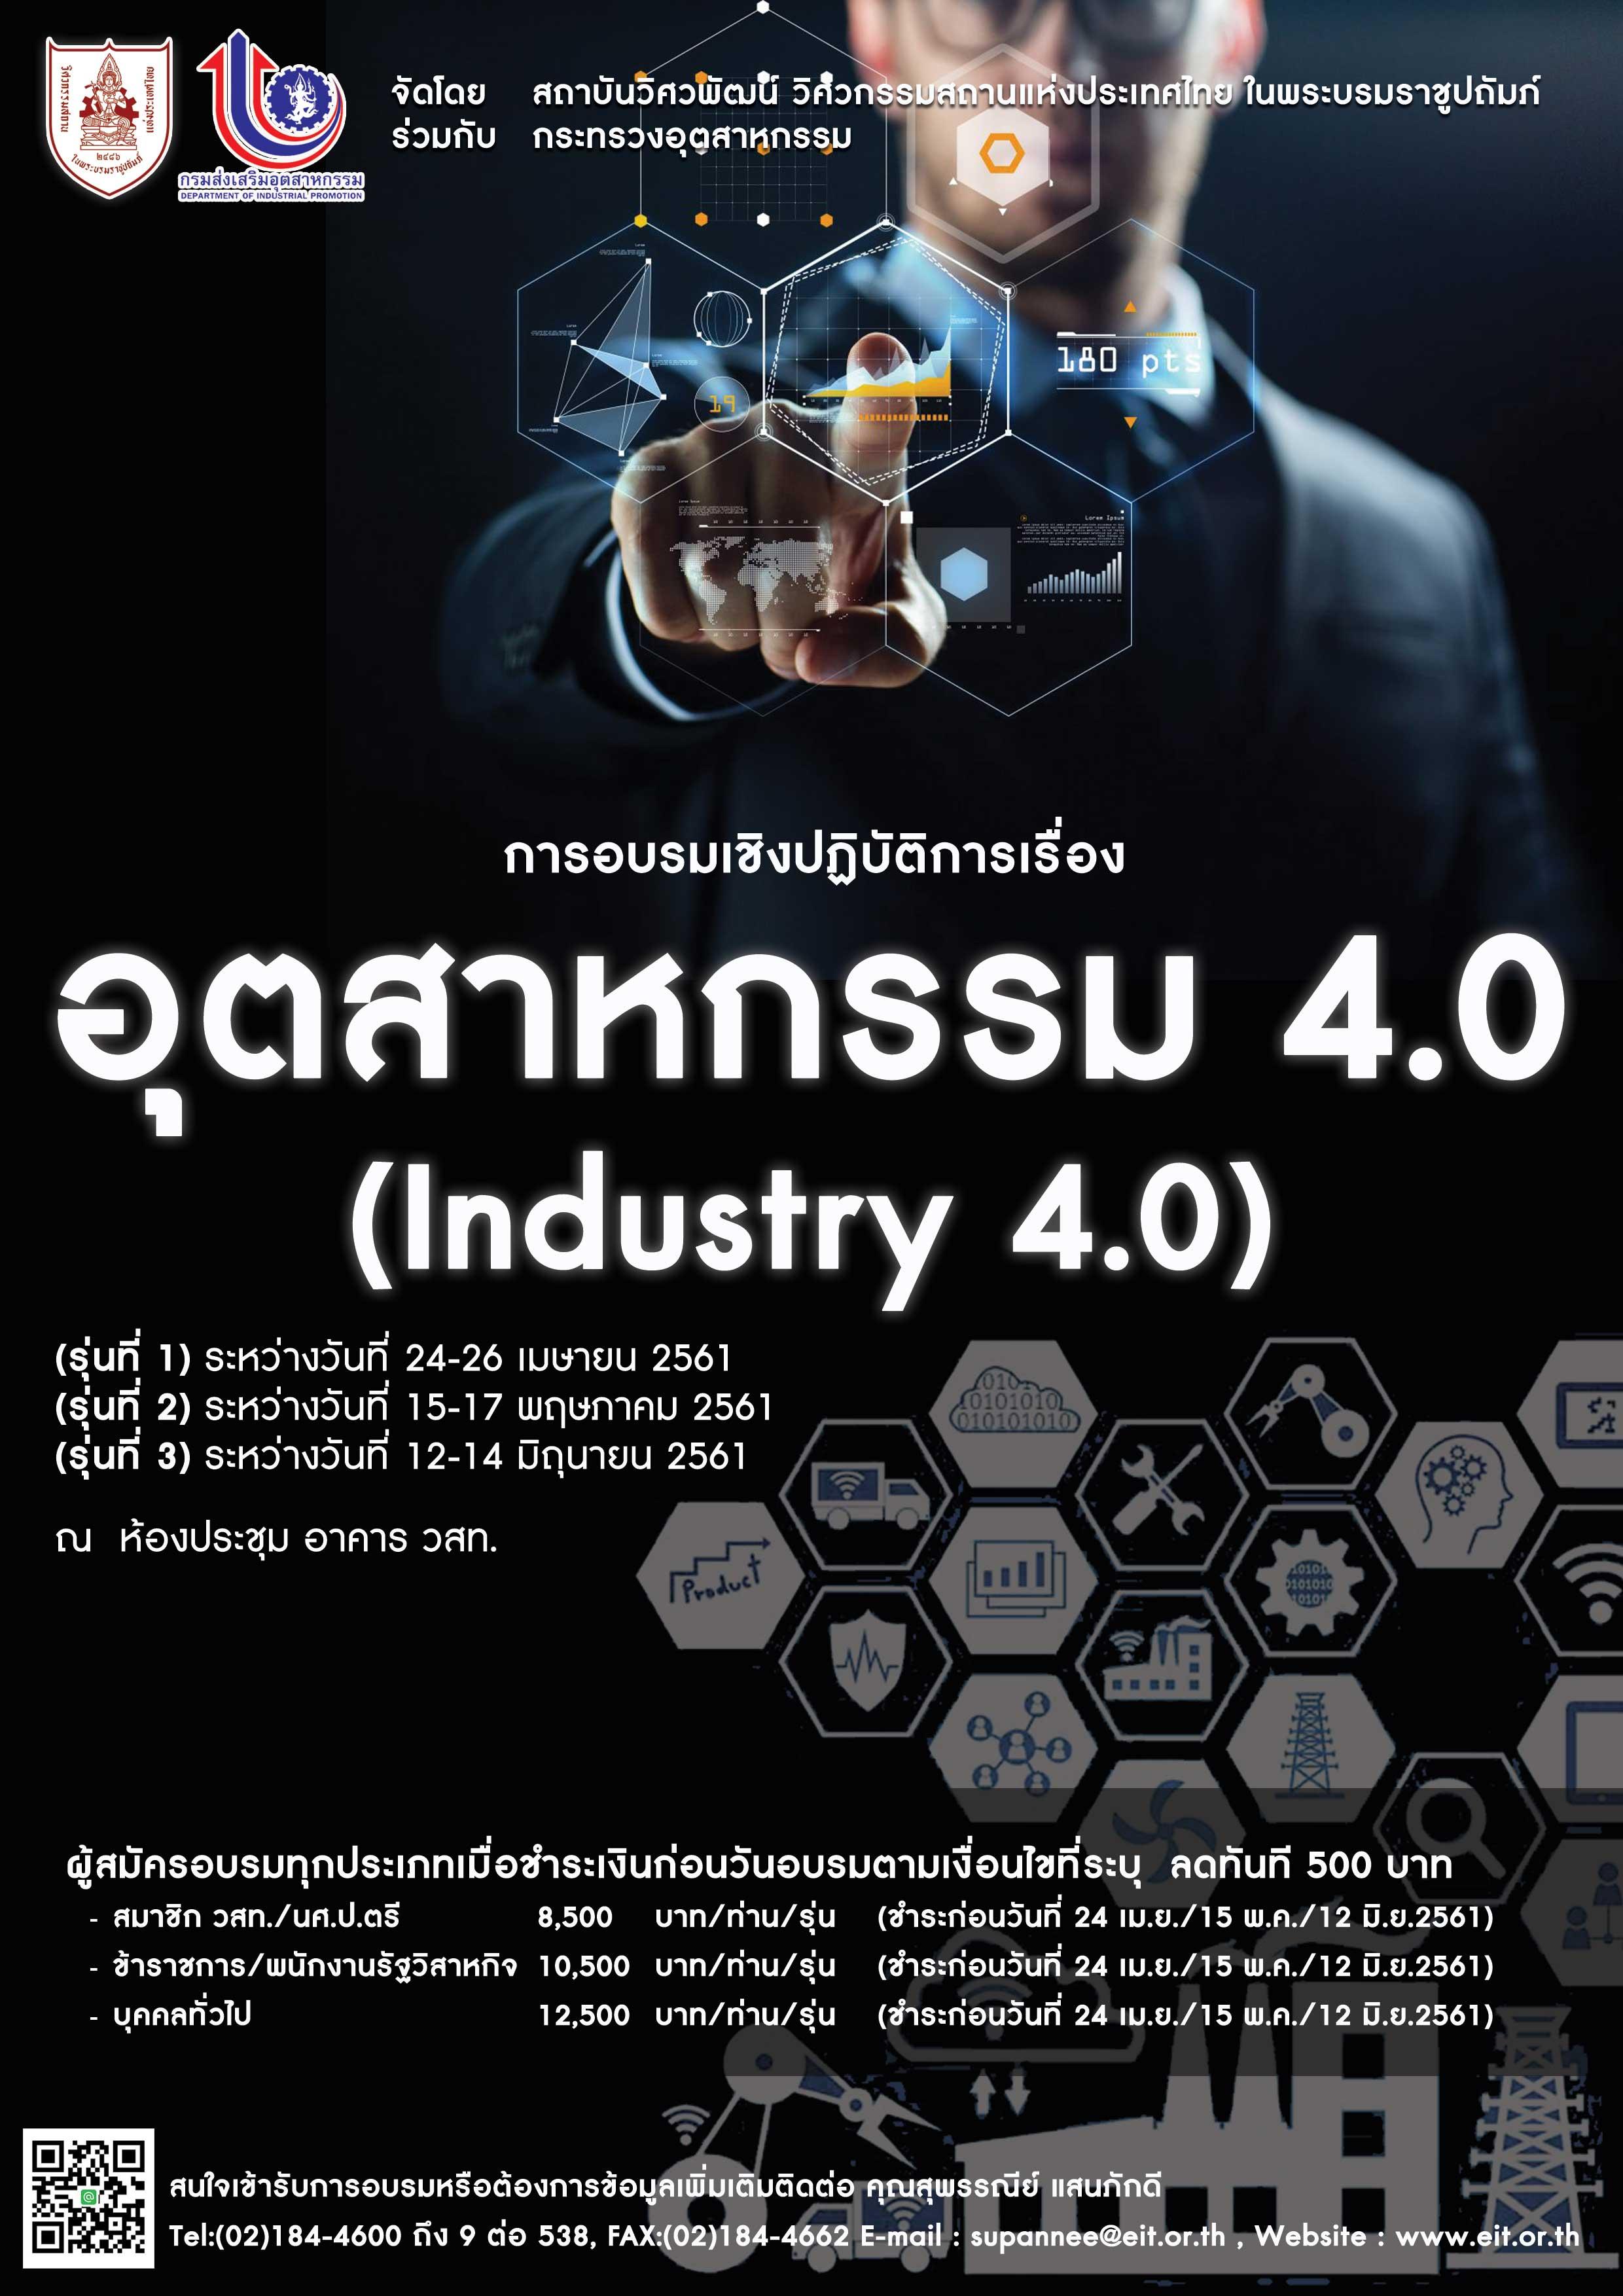 12-14/06/2561 การอบรมเชิงปฏิบัติการเรื่อง  อุตสาหกรรม 4.0 (Industry 4.0)  รุ่นที่ 3